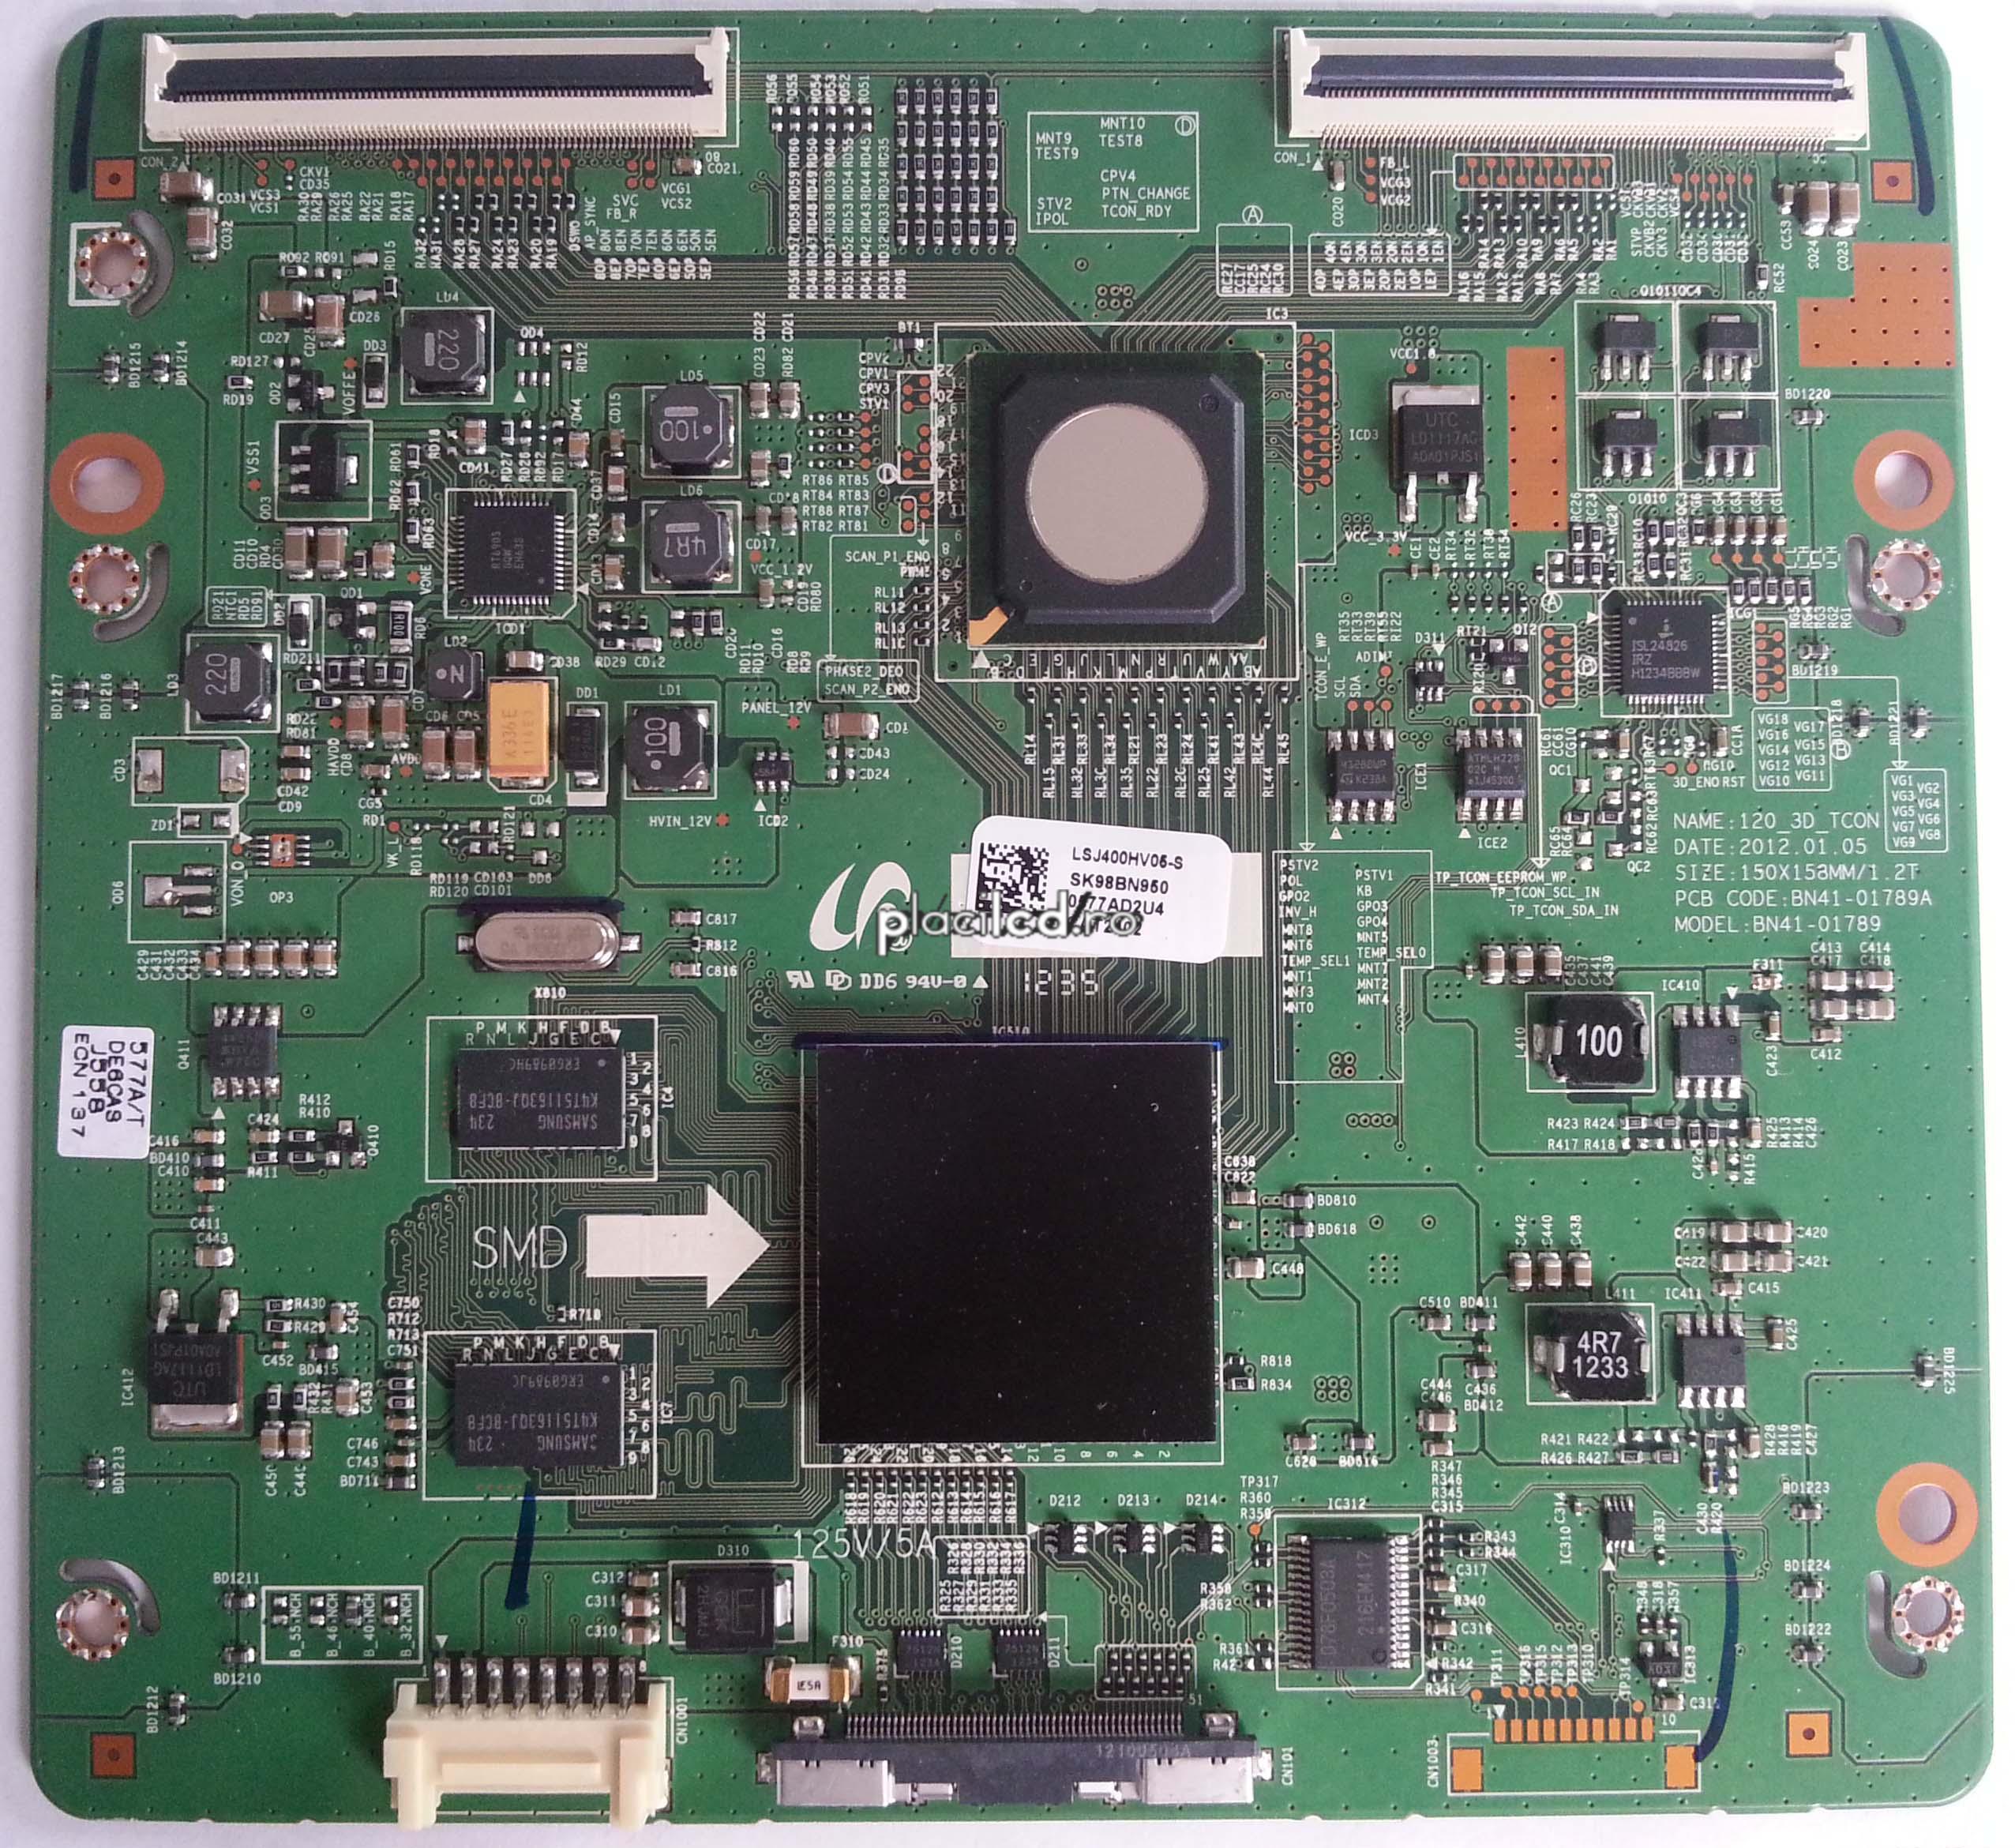 Placa LVDS 120_3D_TCON